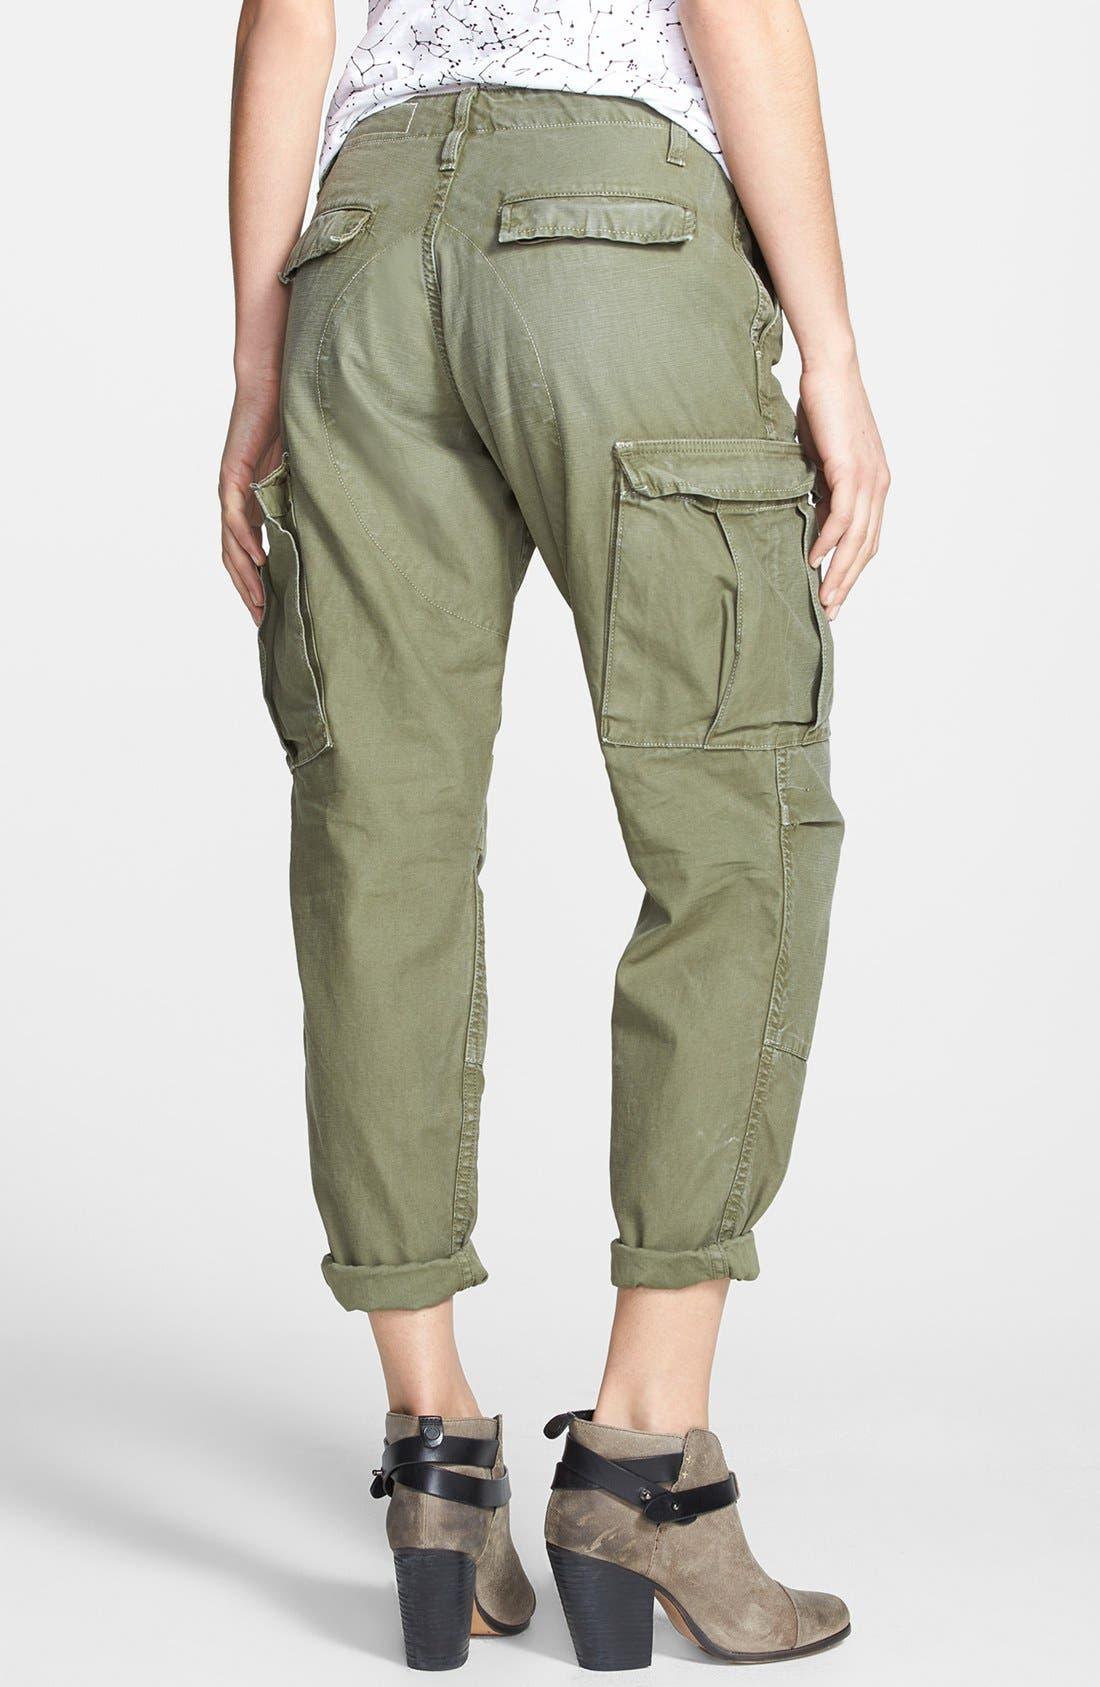 JEAN 'Combat' Cargo Pants,                             Alternate thumbnail 2, color,                             300